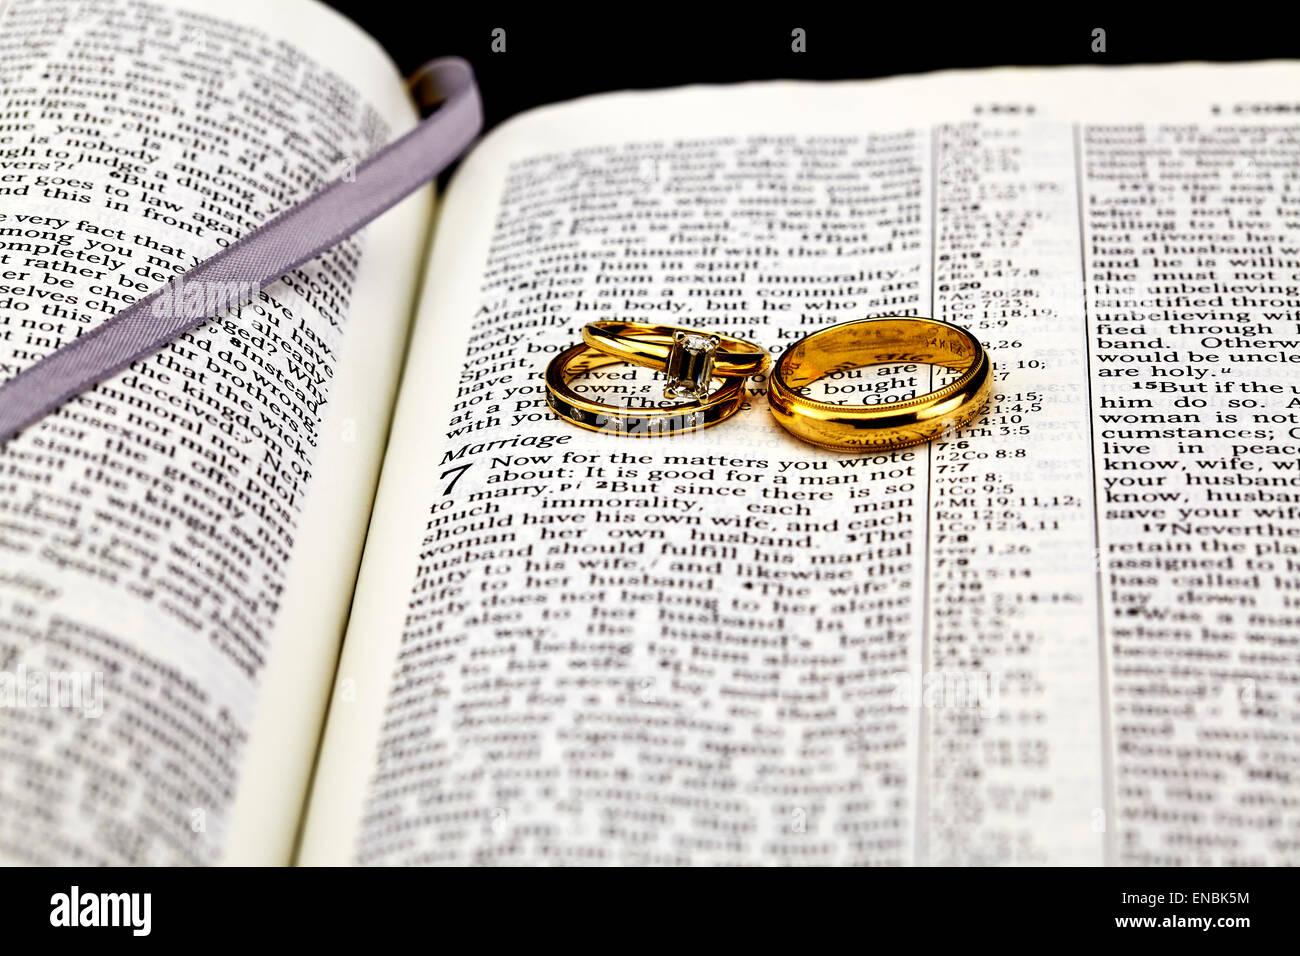 Biblia Y Matrimonio : Biblia selectivo centrado en el matrimonio y el anillo de bodas de